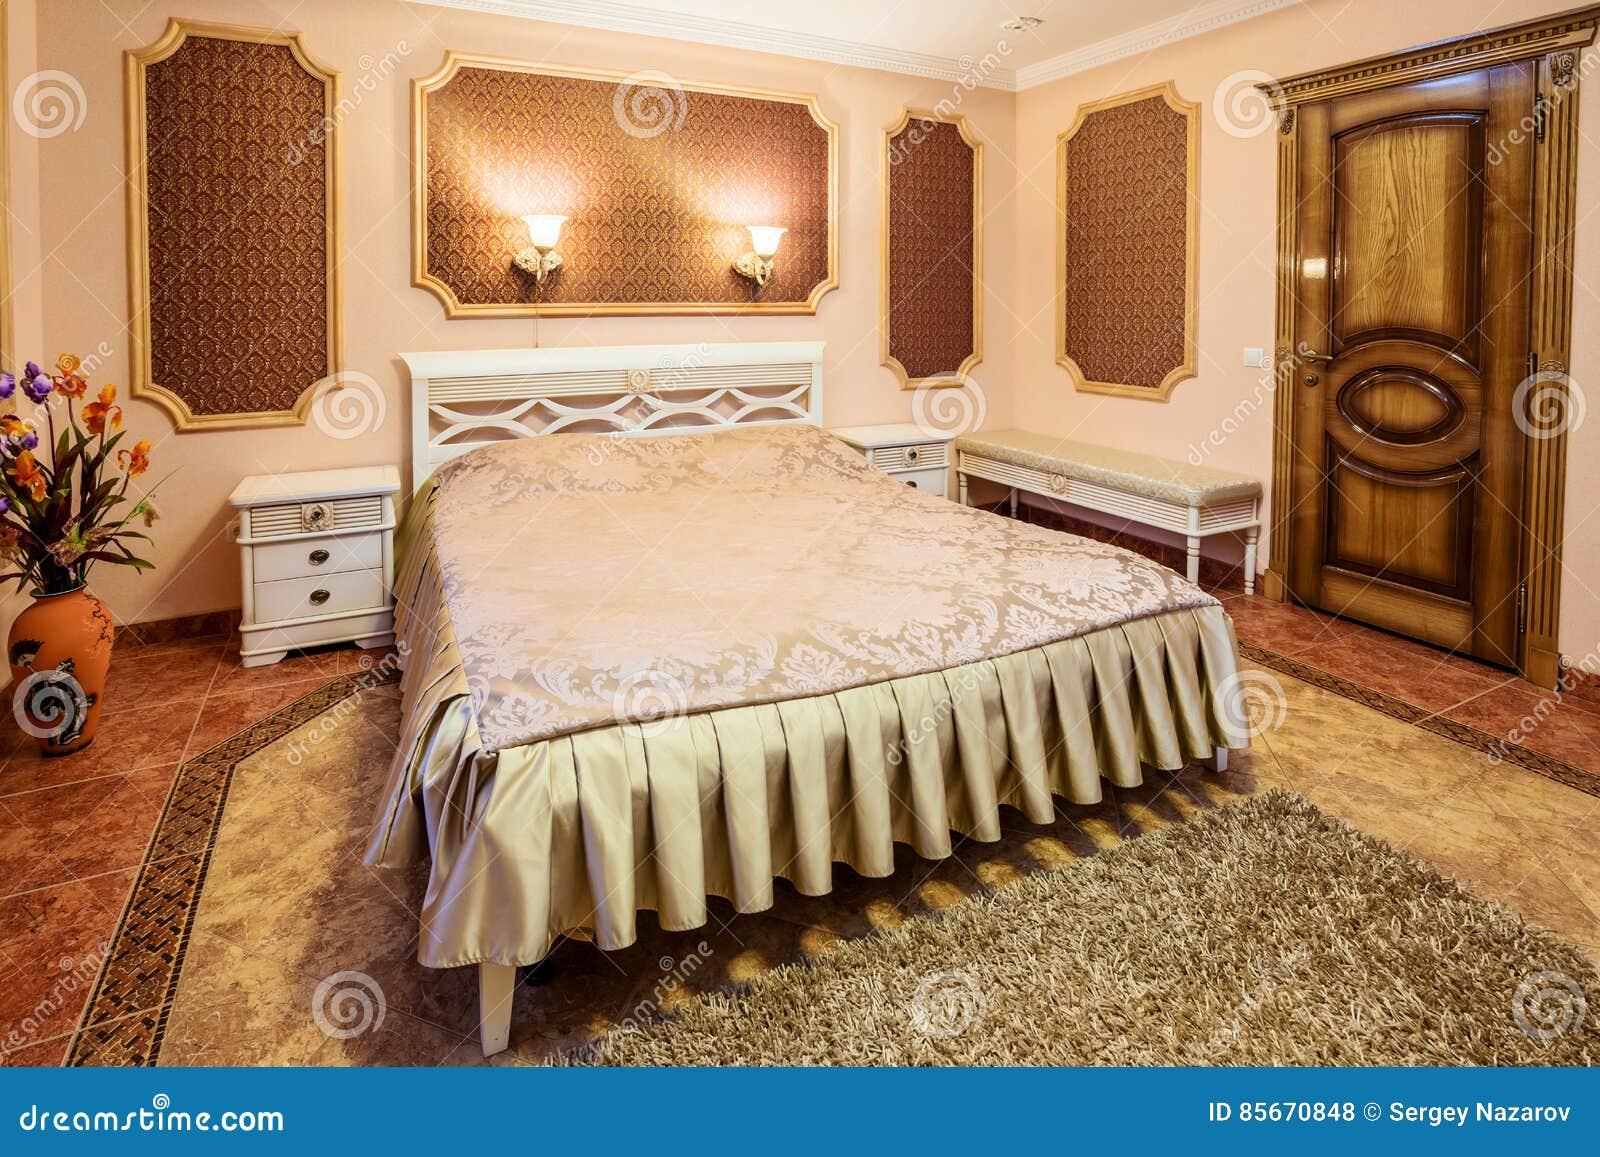 Décoration Et Meubles Dans La Chambre à Coucher Moderne ...